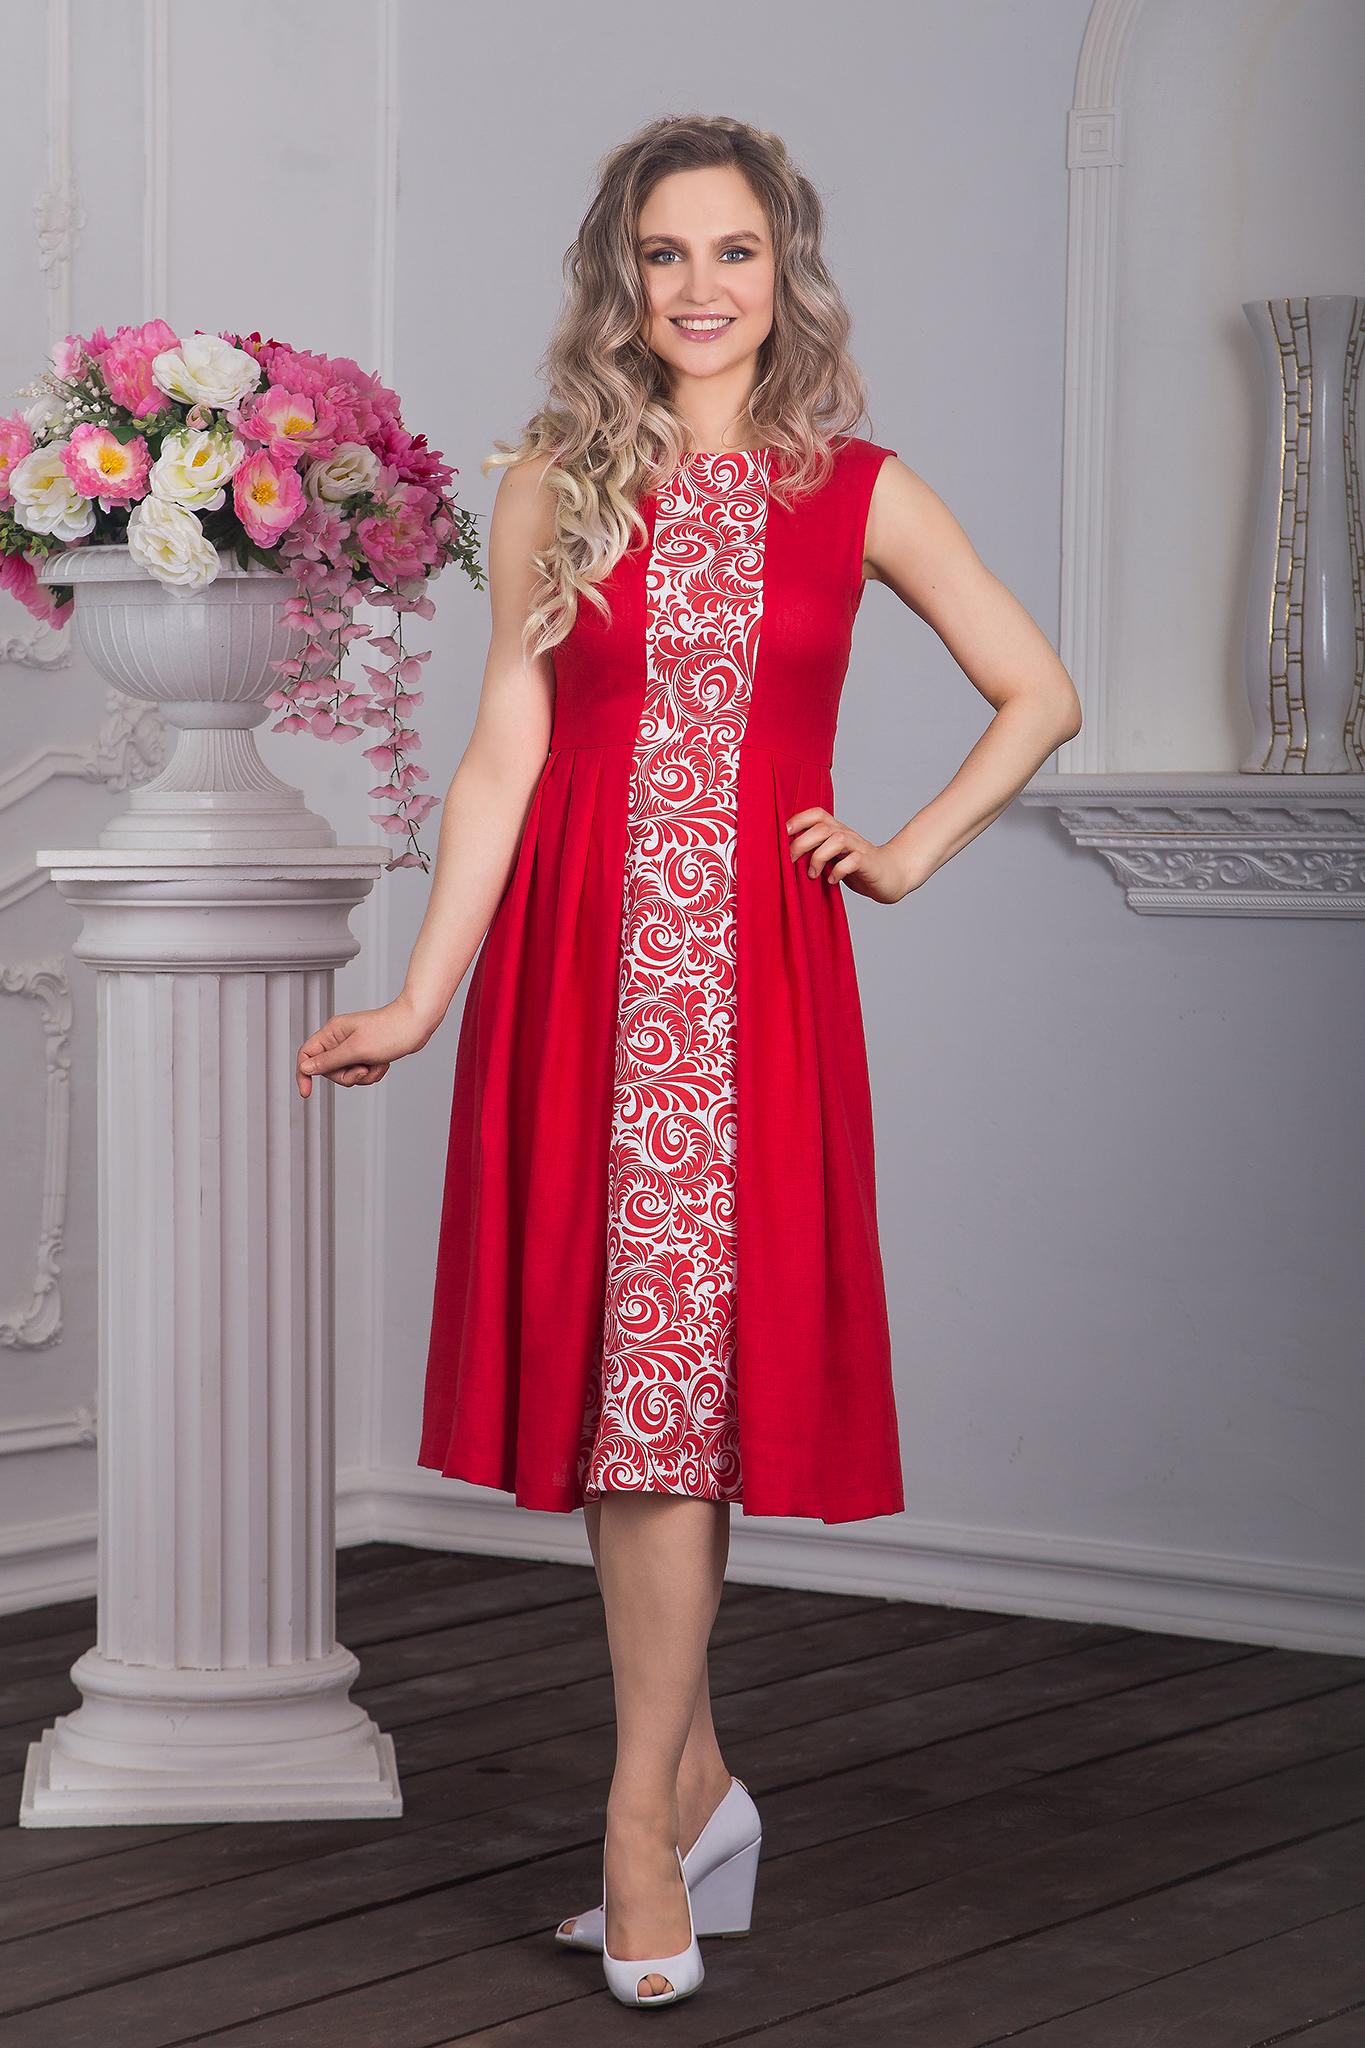 Фотография модели в красном платье в русском стиле с узором